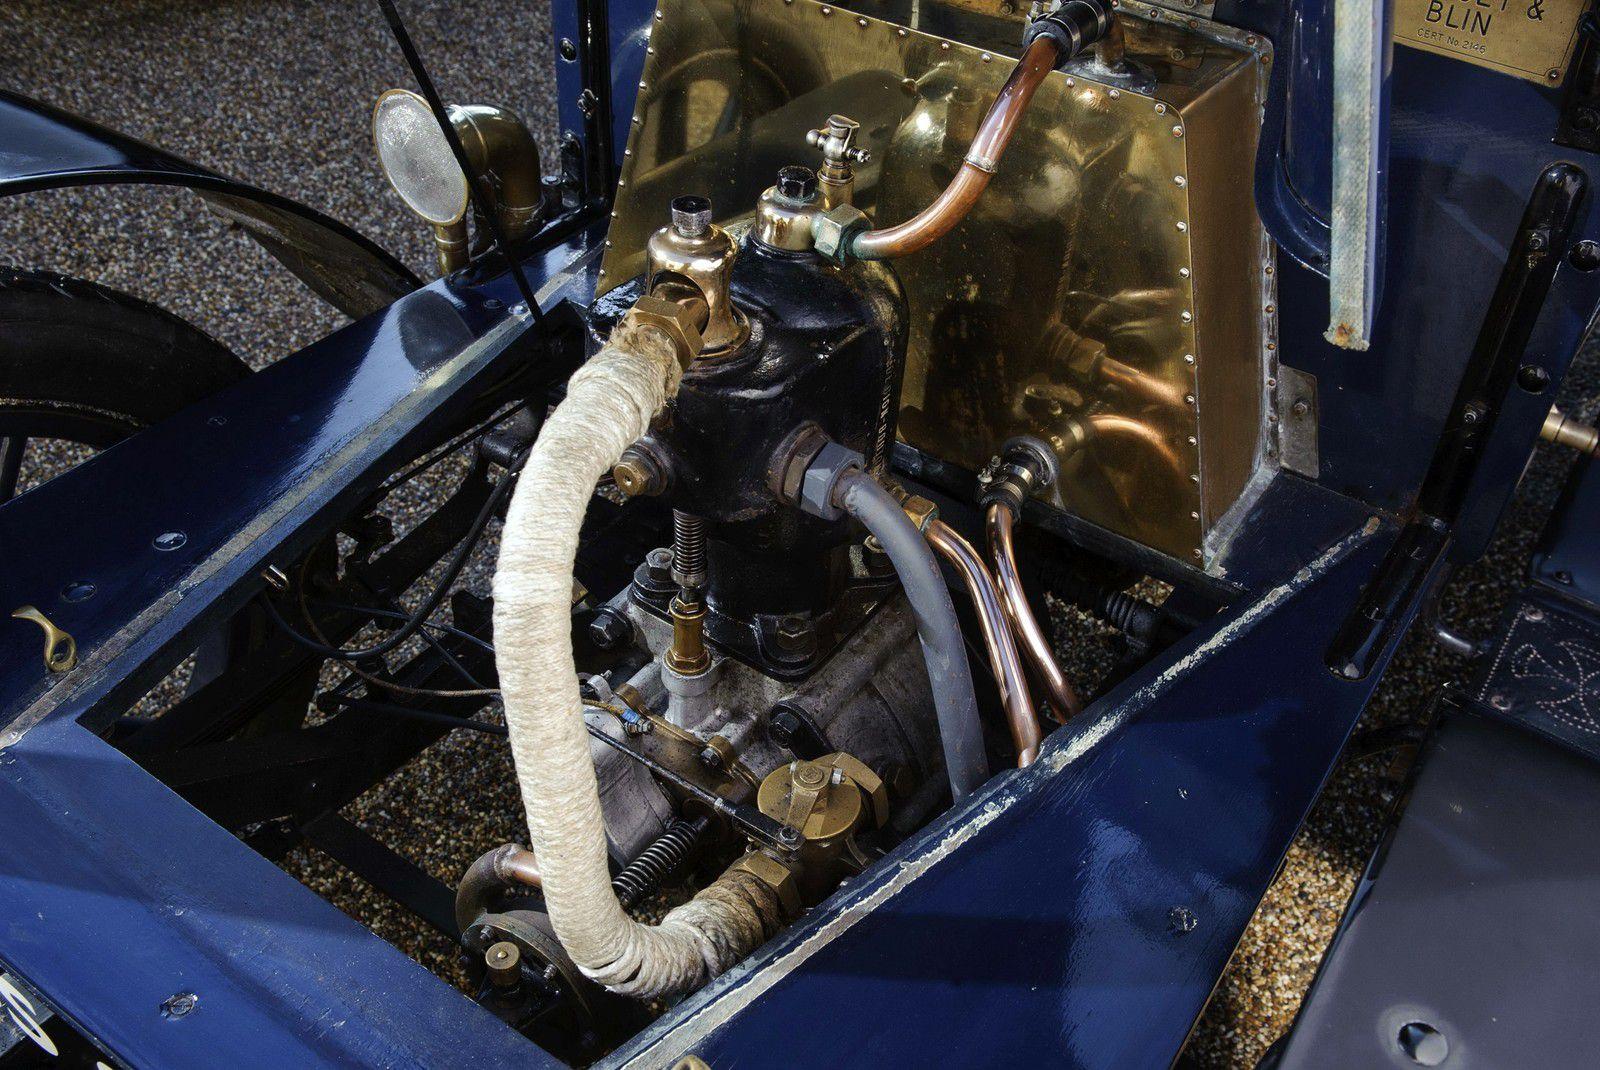 VOITURES DE LEGENDE (1174) : MALICET & BLIN  8HP FOUR SEATER  REAR ENTRANCE TONNEAU - 1903